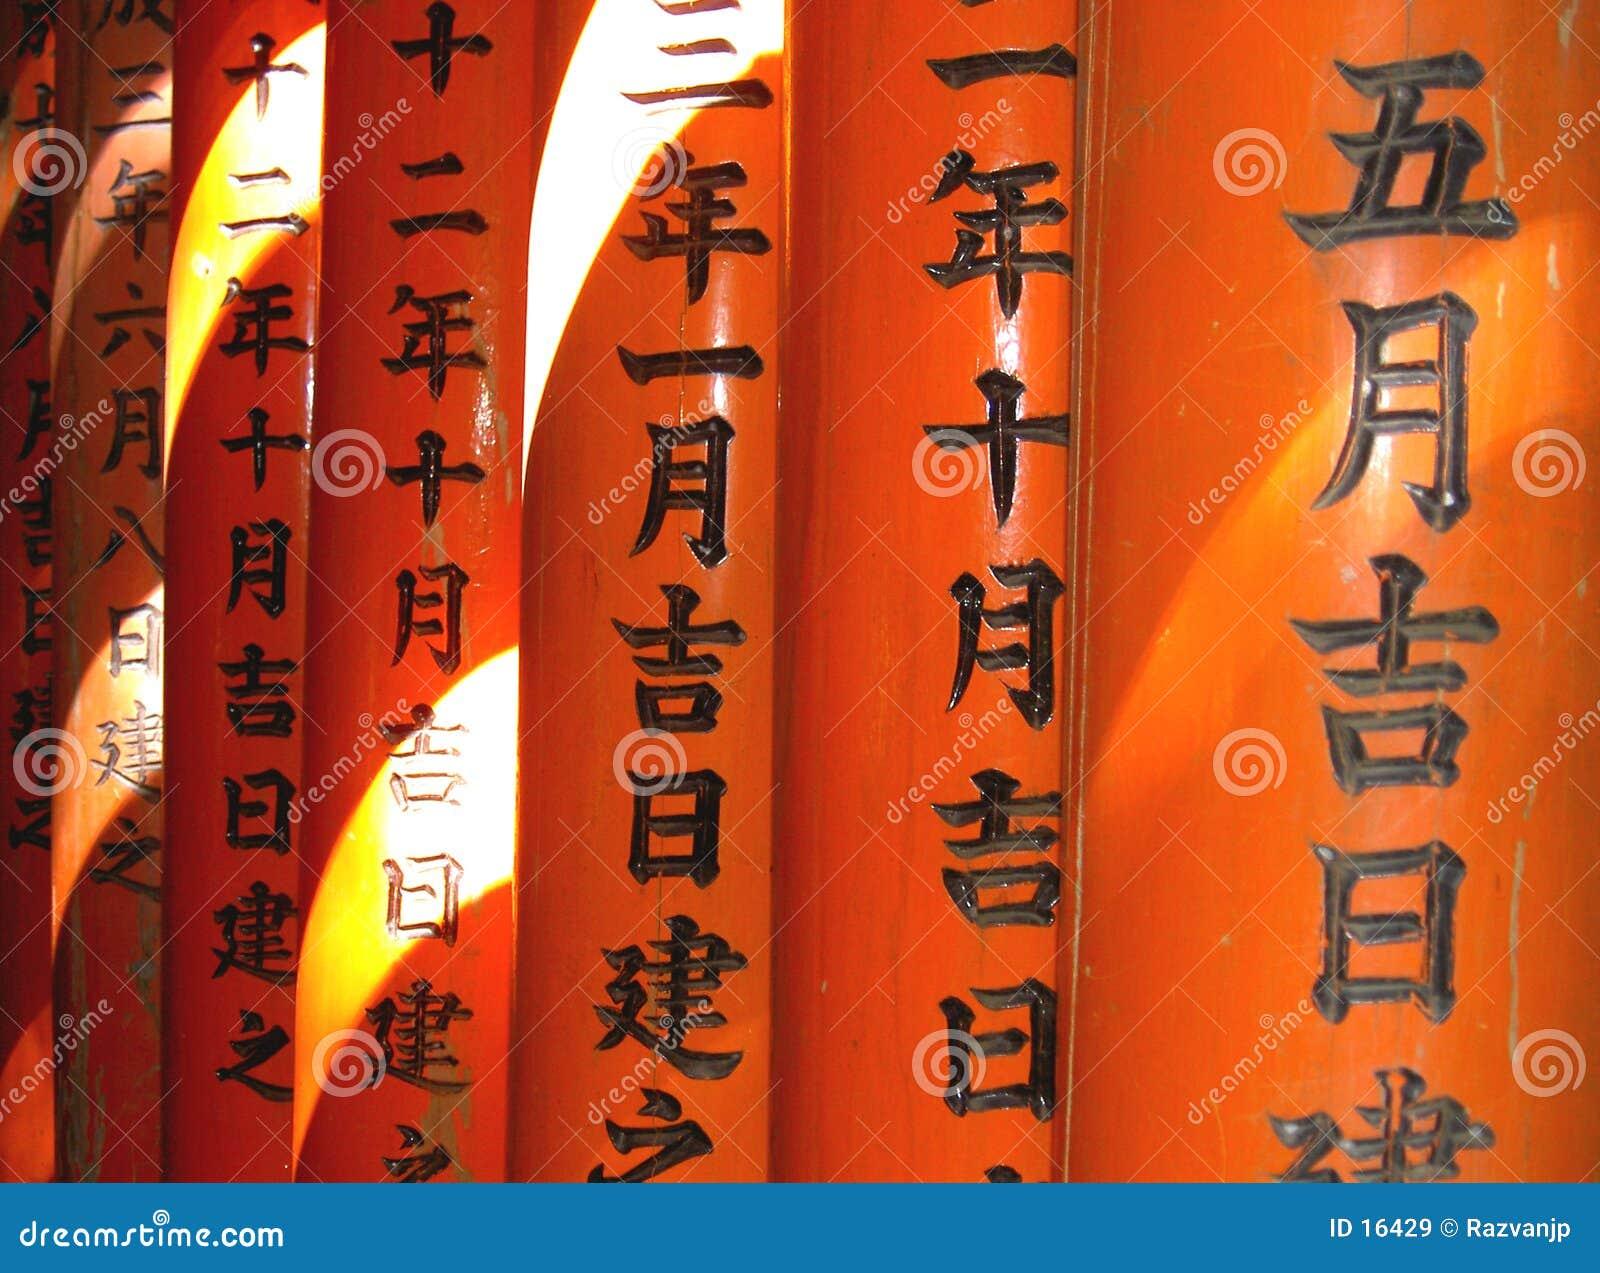 Writi da luz, da cor e do japonês